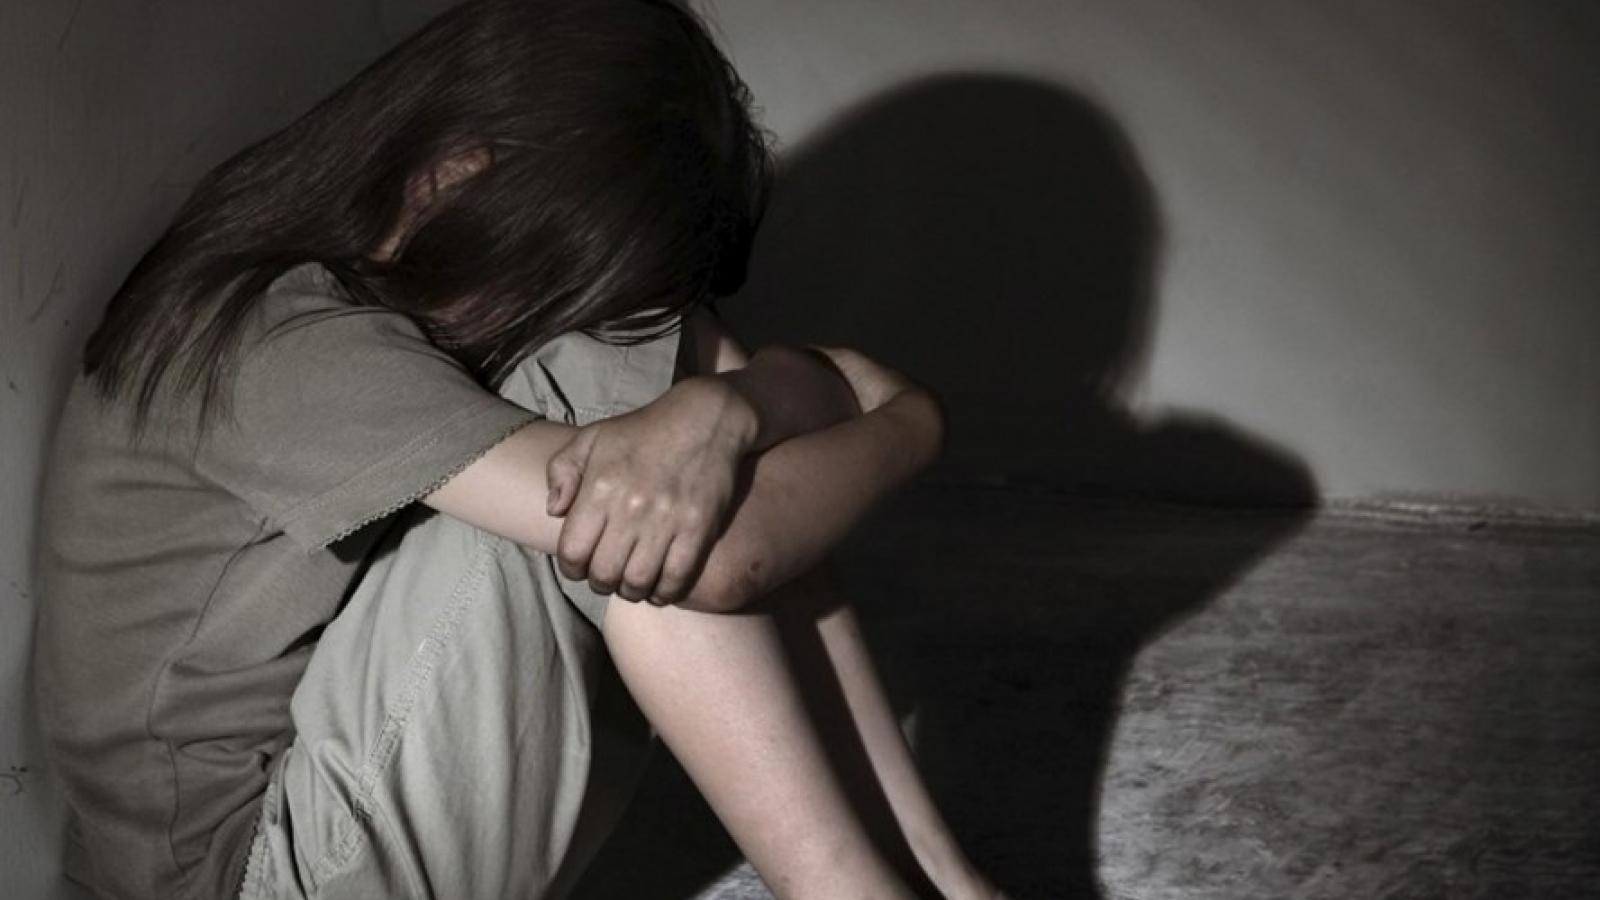 Giải cứu 6 bé gái trong đường dây buôn bán trẻ em cho các cơ sở karaoke, massage